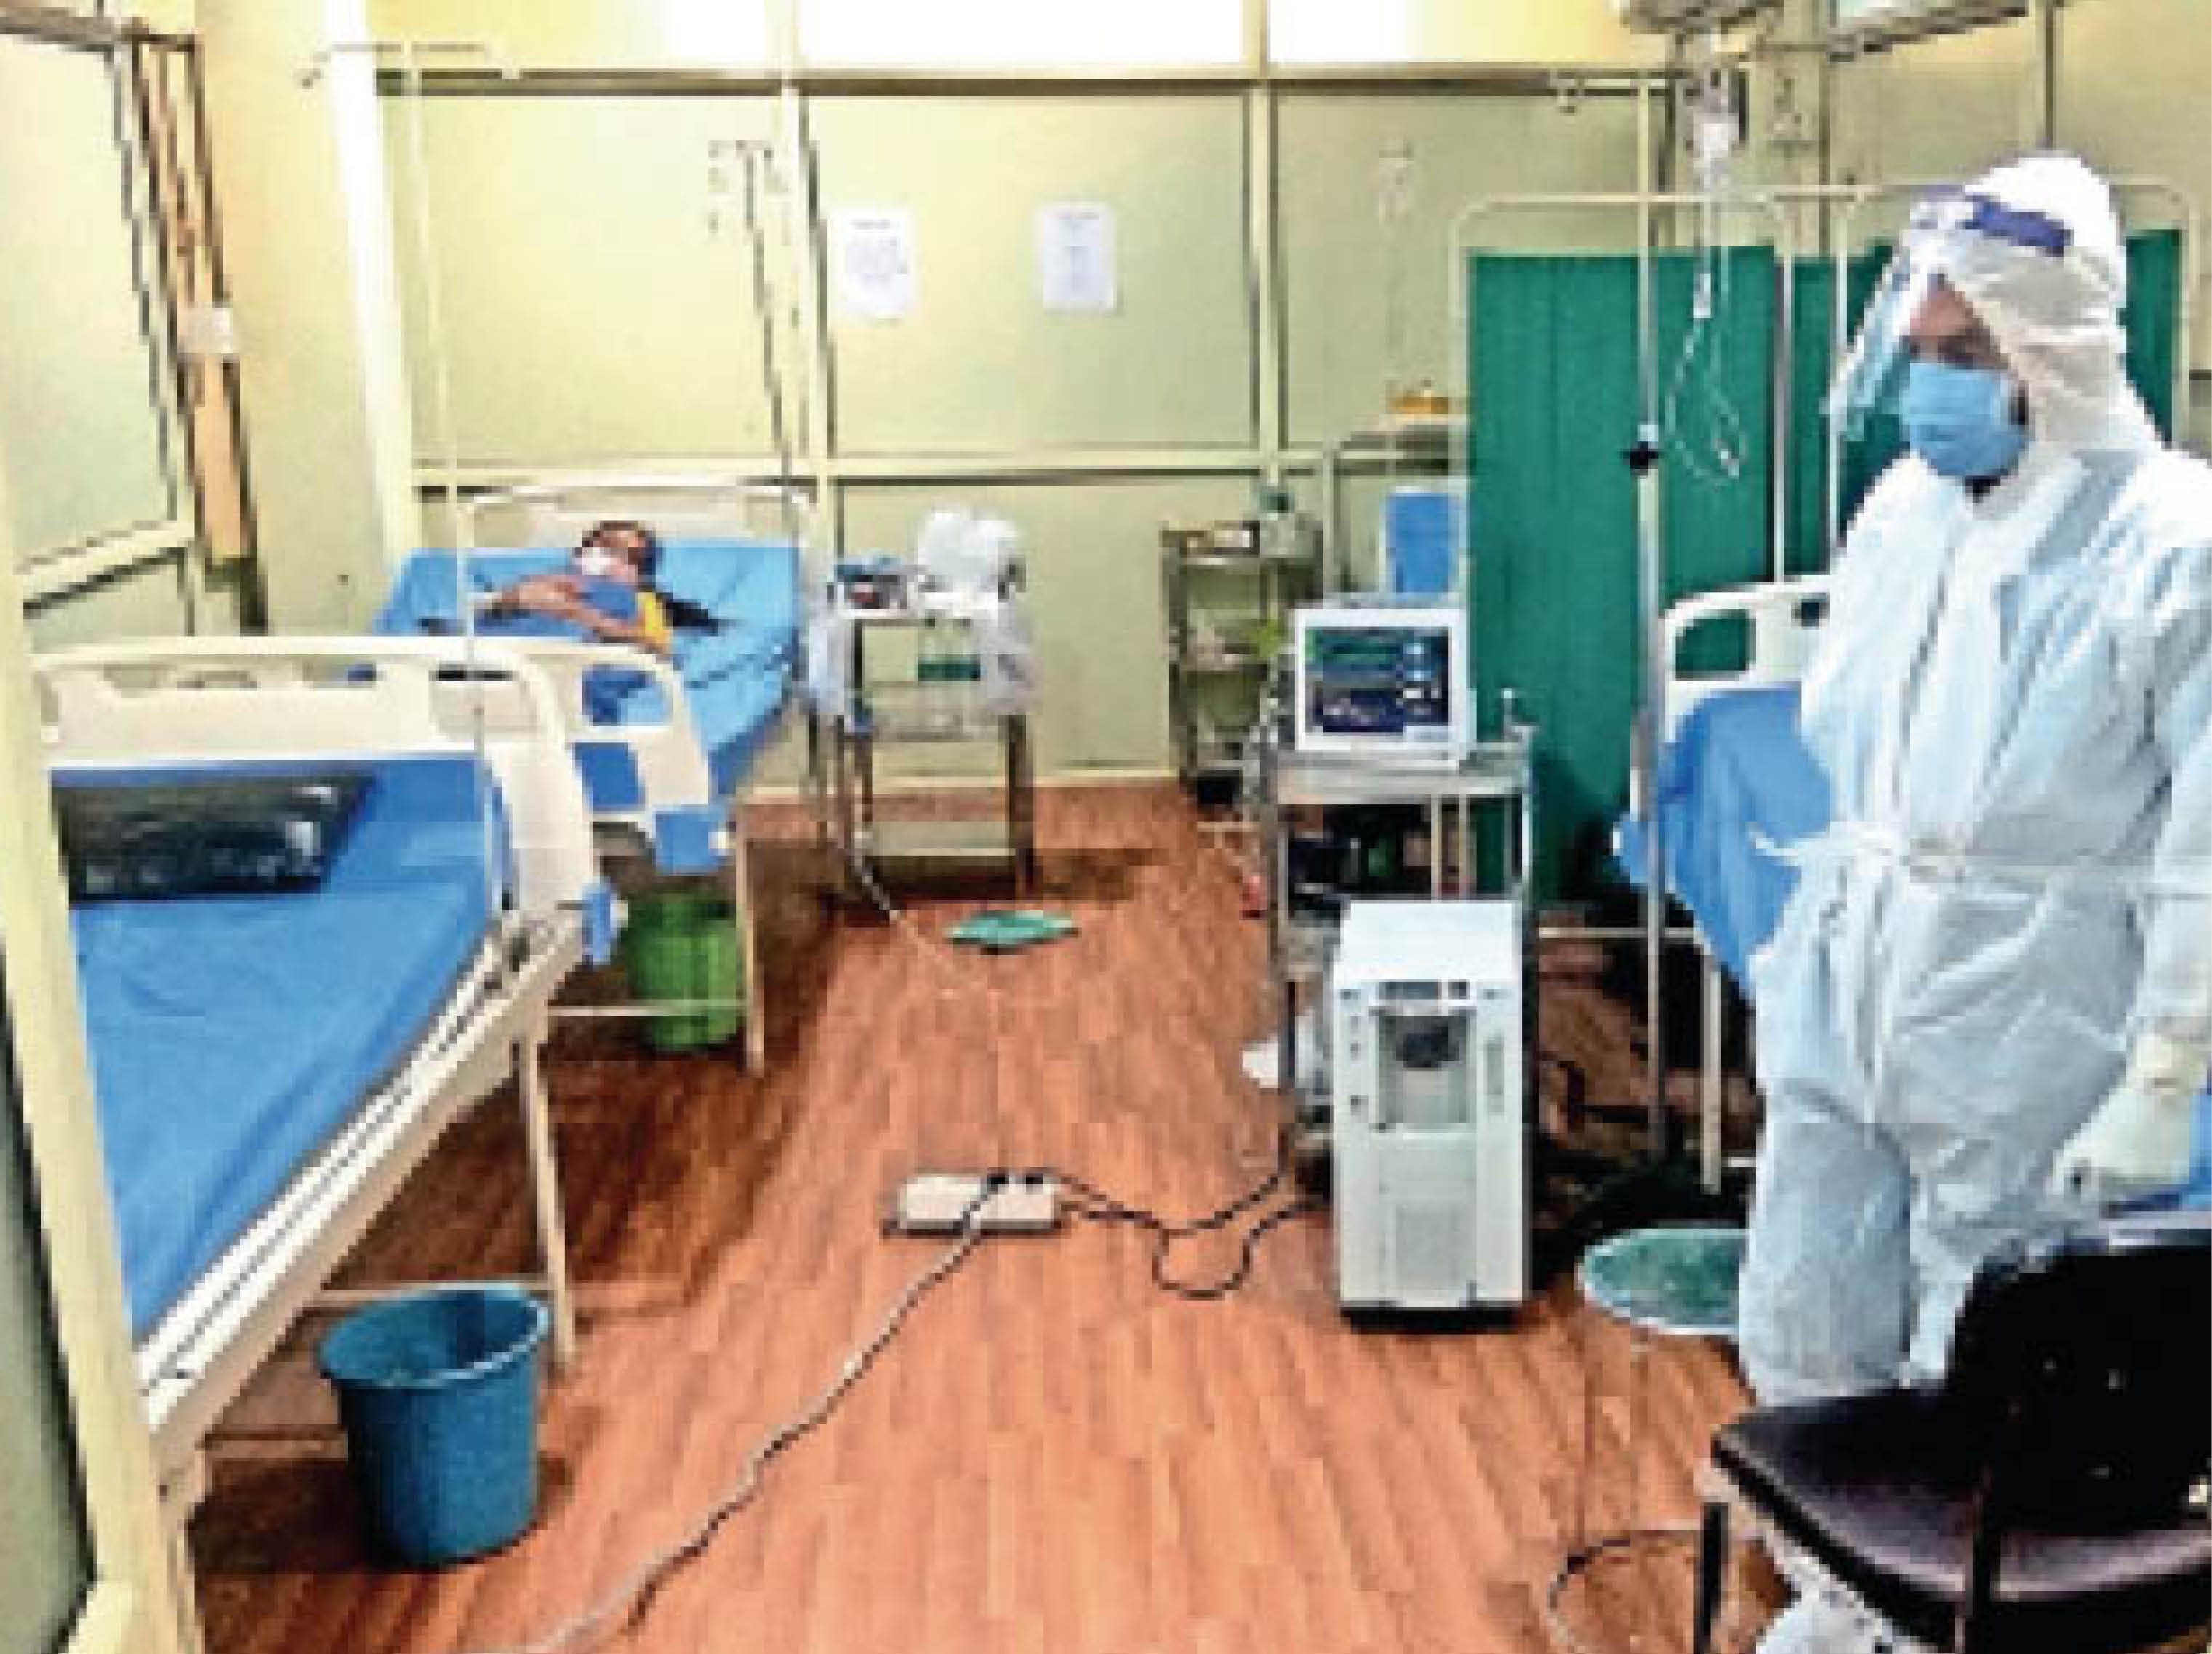 इंदौर में सिर्फ एक महीने में 1764 और ग्वालियर में 42 दिन के भीतर 1460 बच्चे संक्रमित हुए|इंदौर,Indore - Dainik Bhaskar